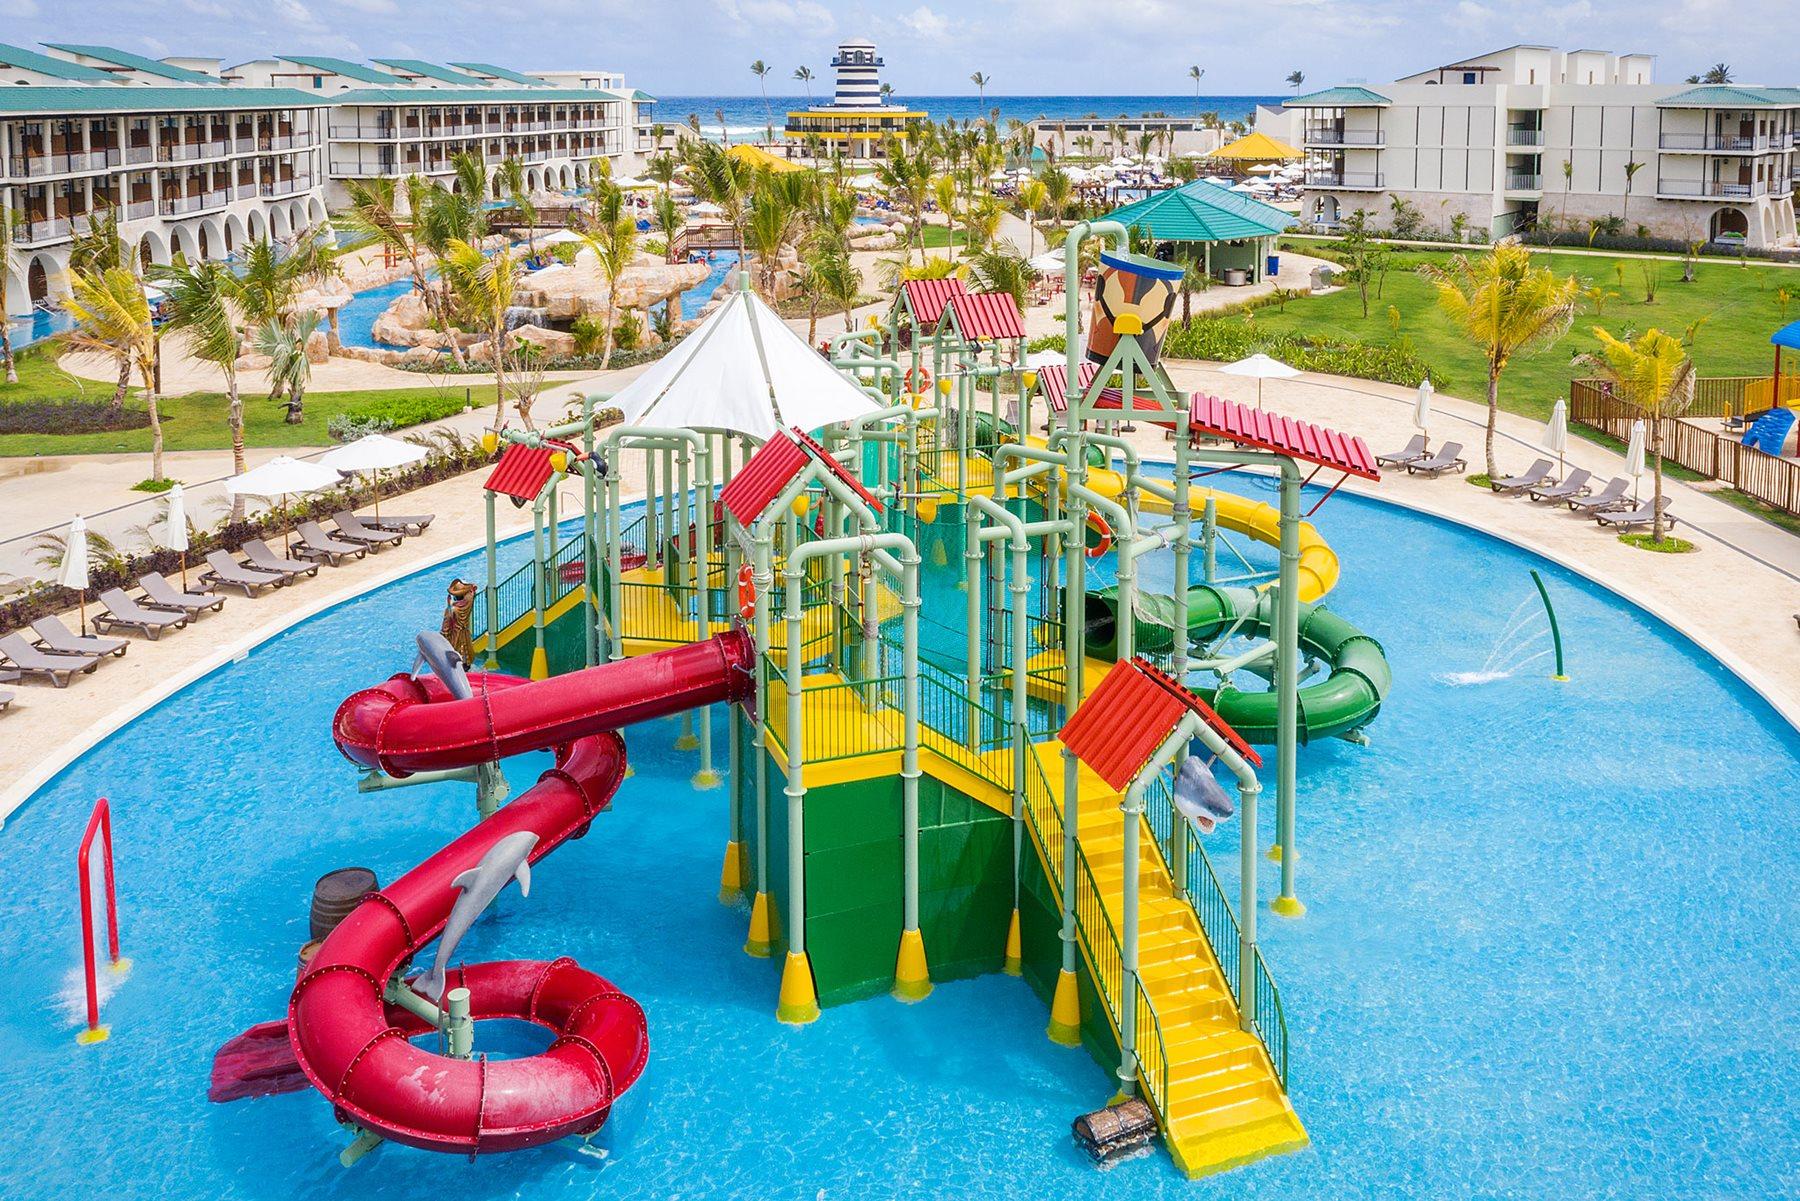 Séjour République Dominicaine: Voyage Punta Cana